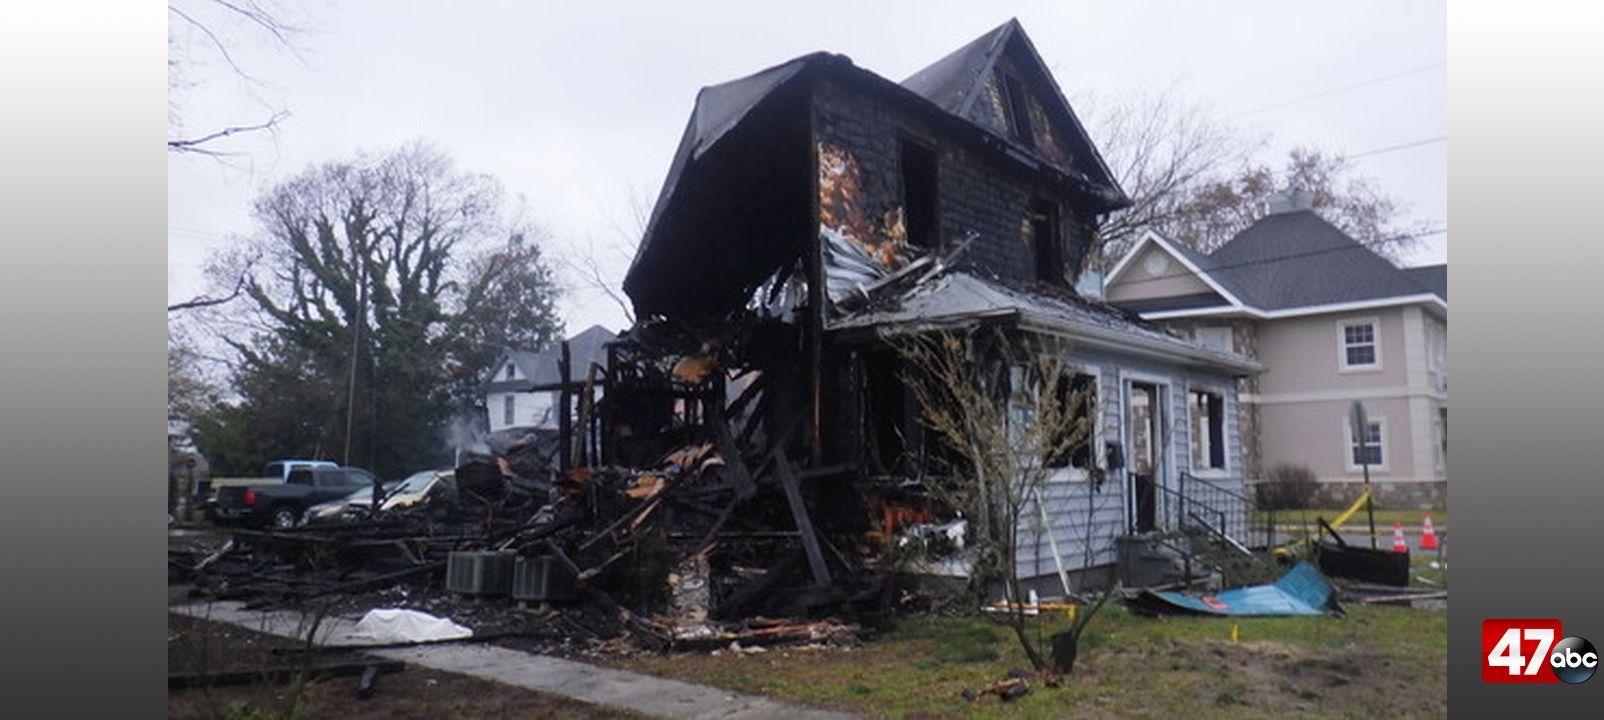 1280 Delmar New Fire